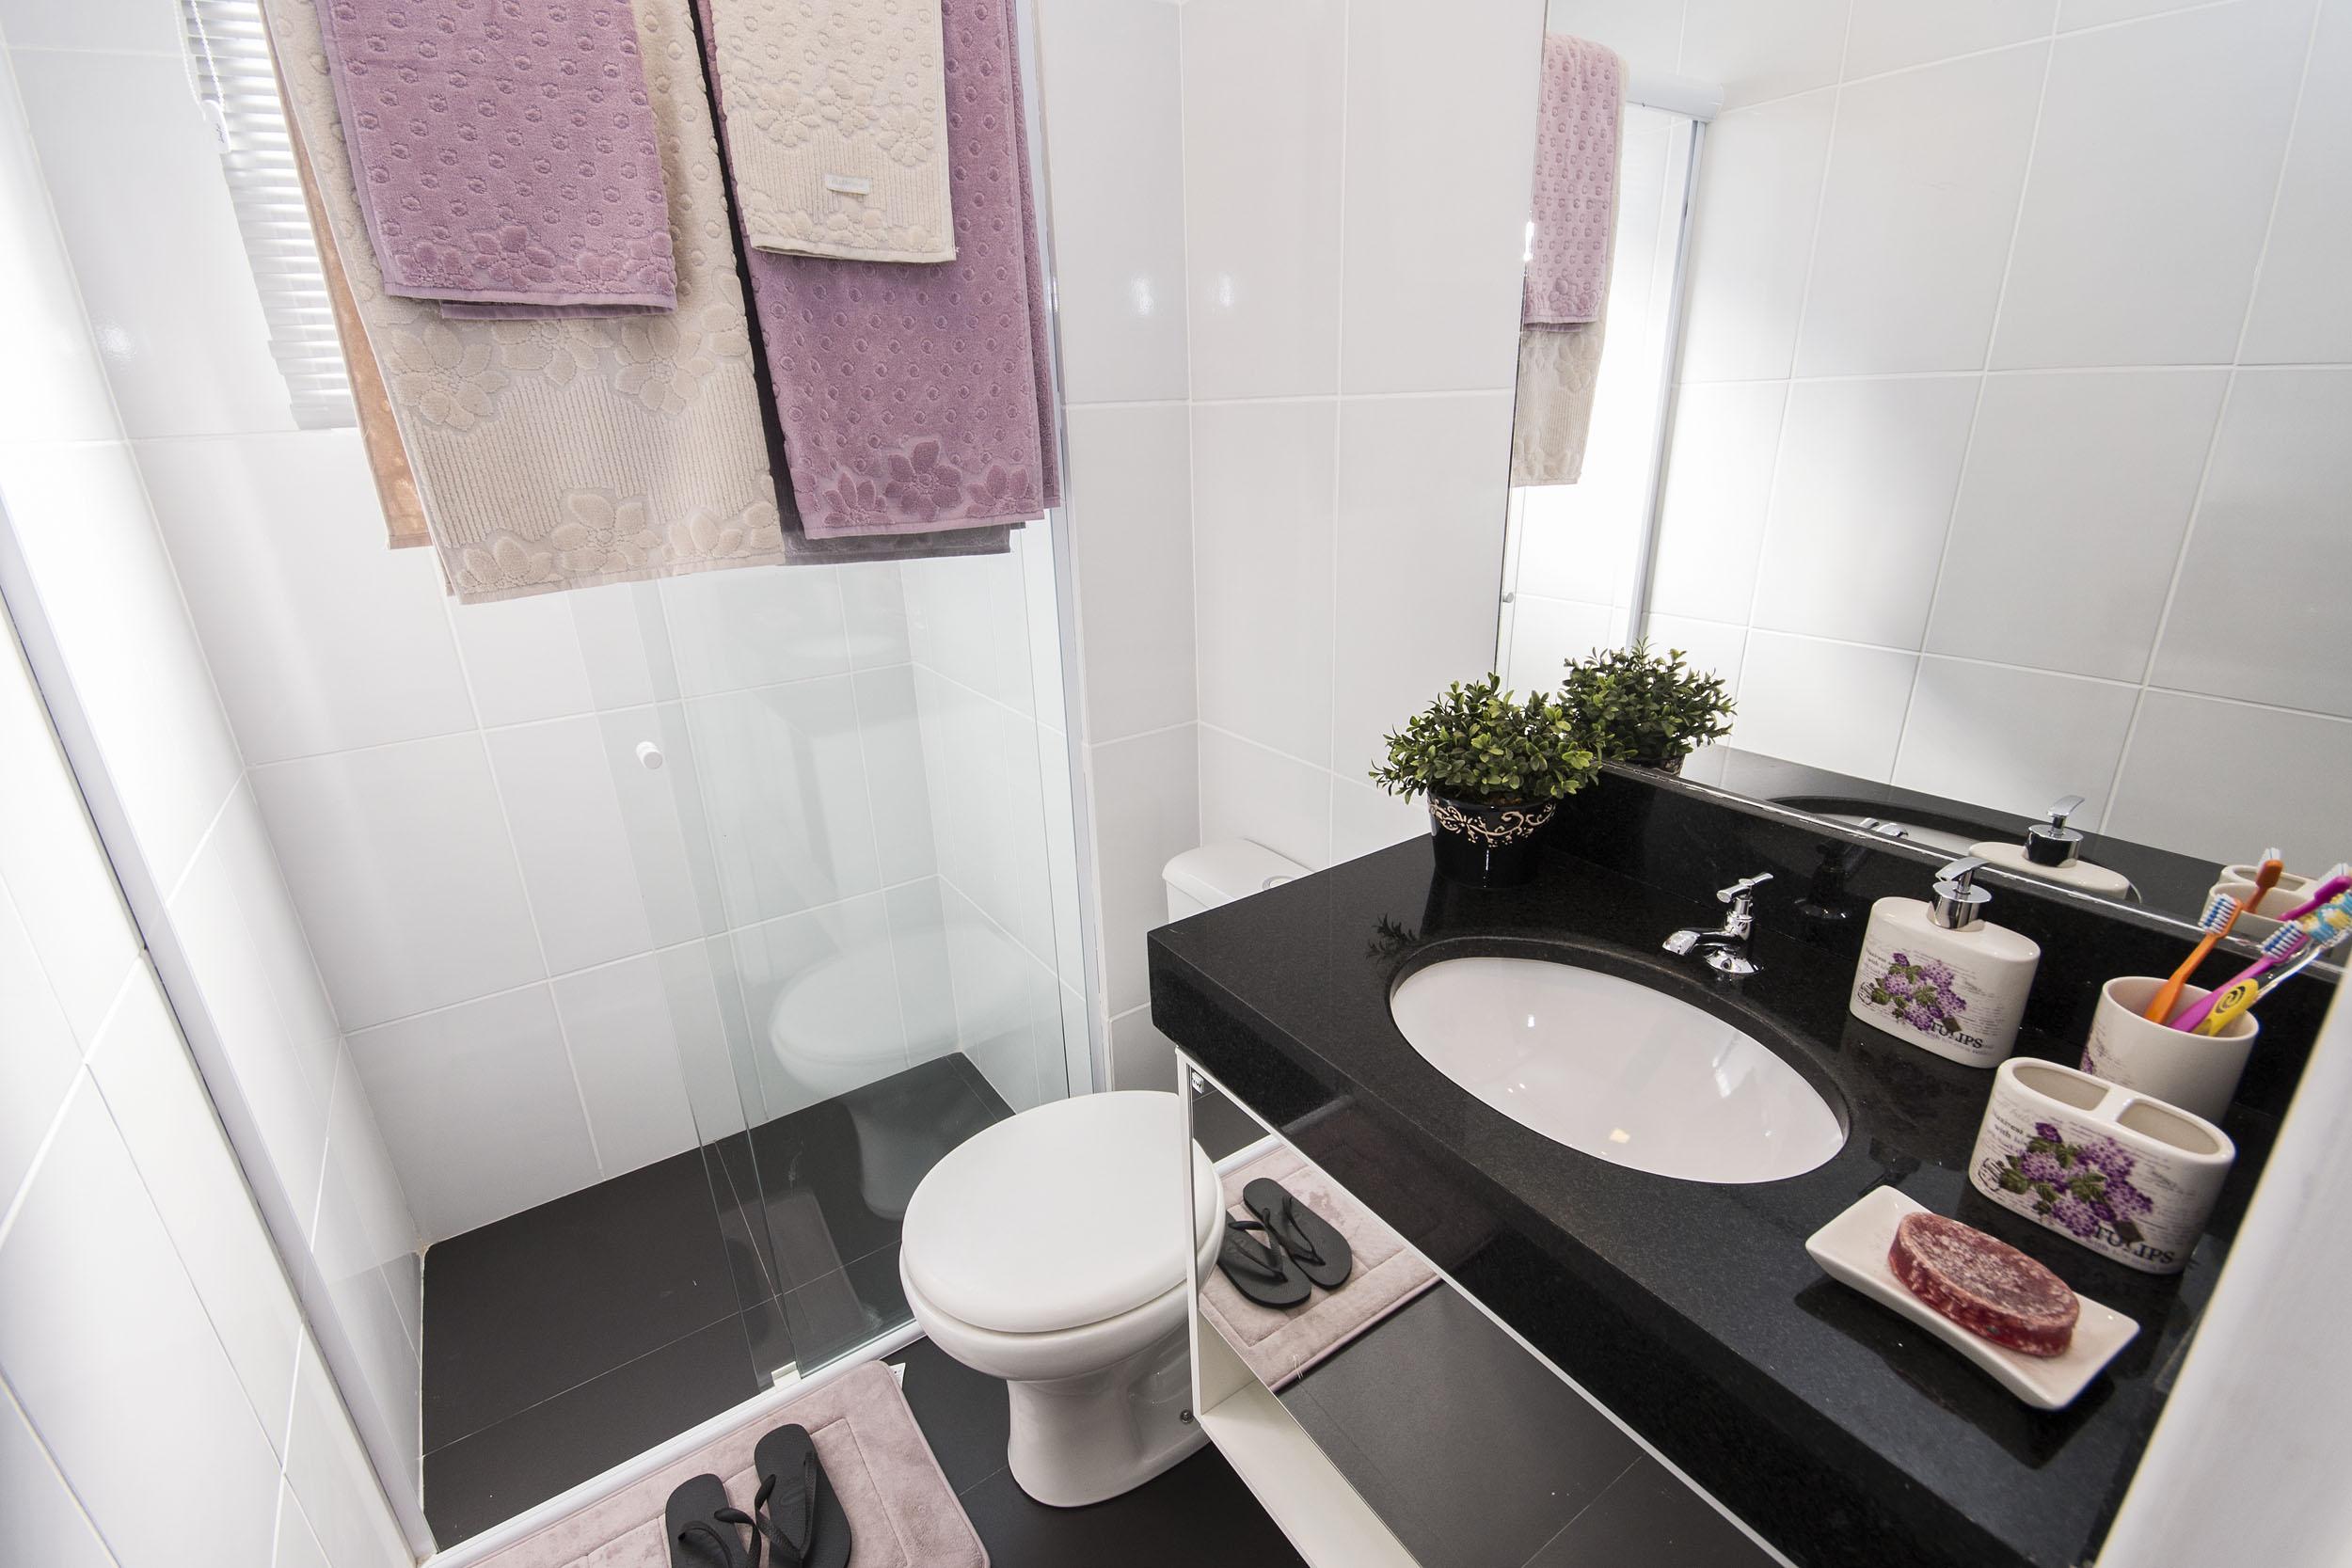 Como escolher acessórios para o banheiro  Blog Corporativo MRV Engenharia   -> Meu Banheiro Decorado